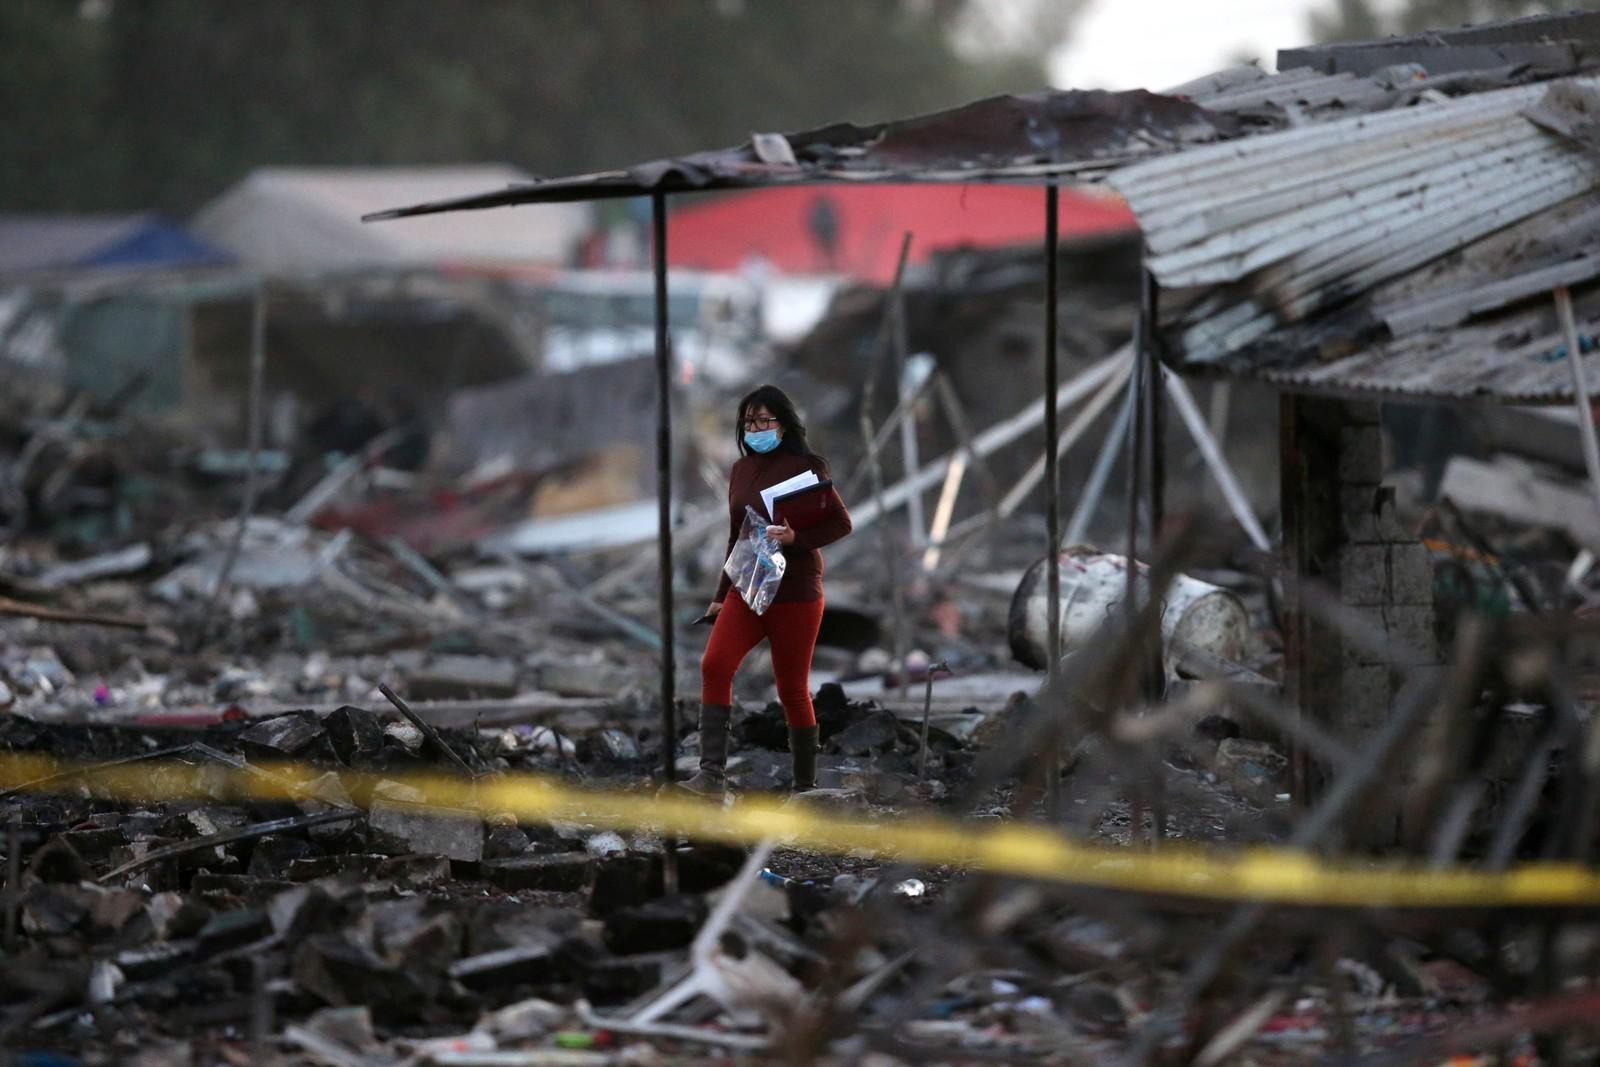 En kvinne står i ruinene etter flere eksplosjoner på et fyrverkerimarked i San Pablito i Mexico.